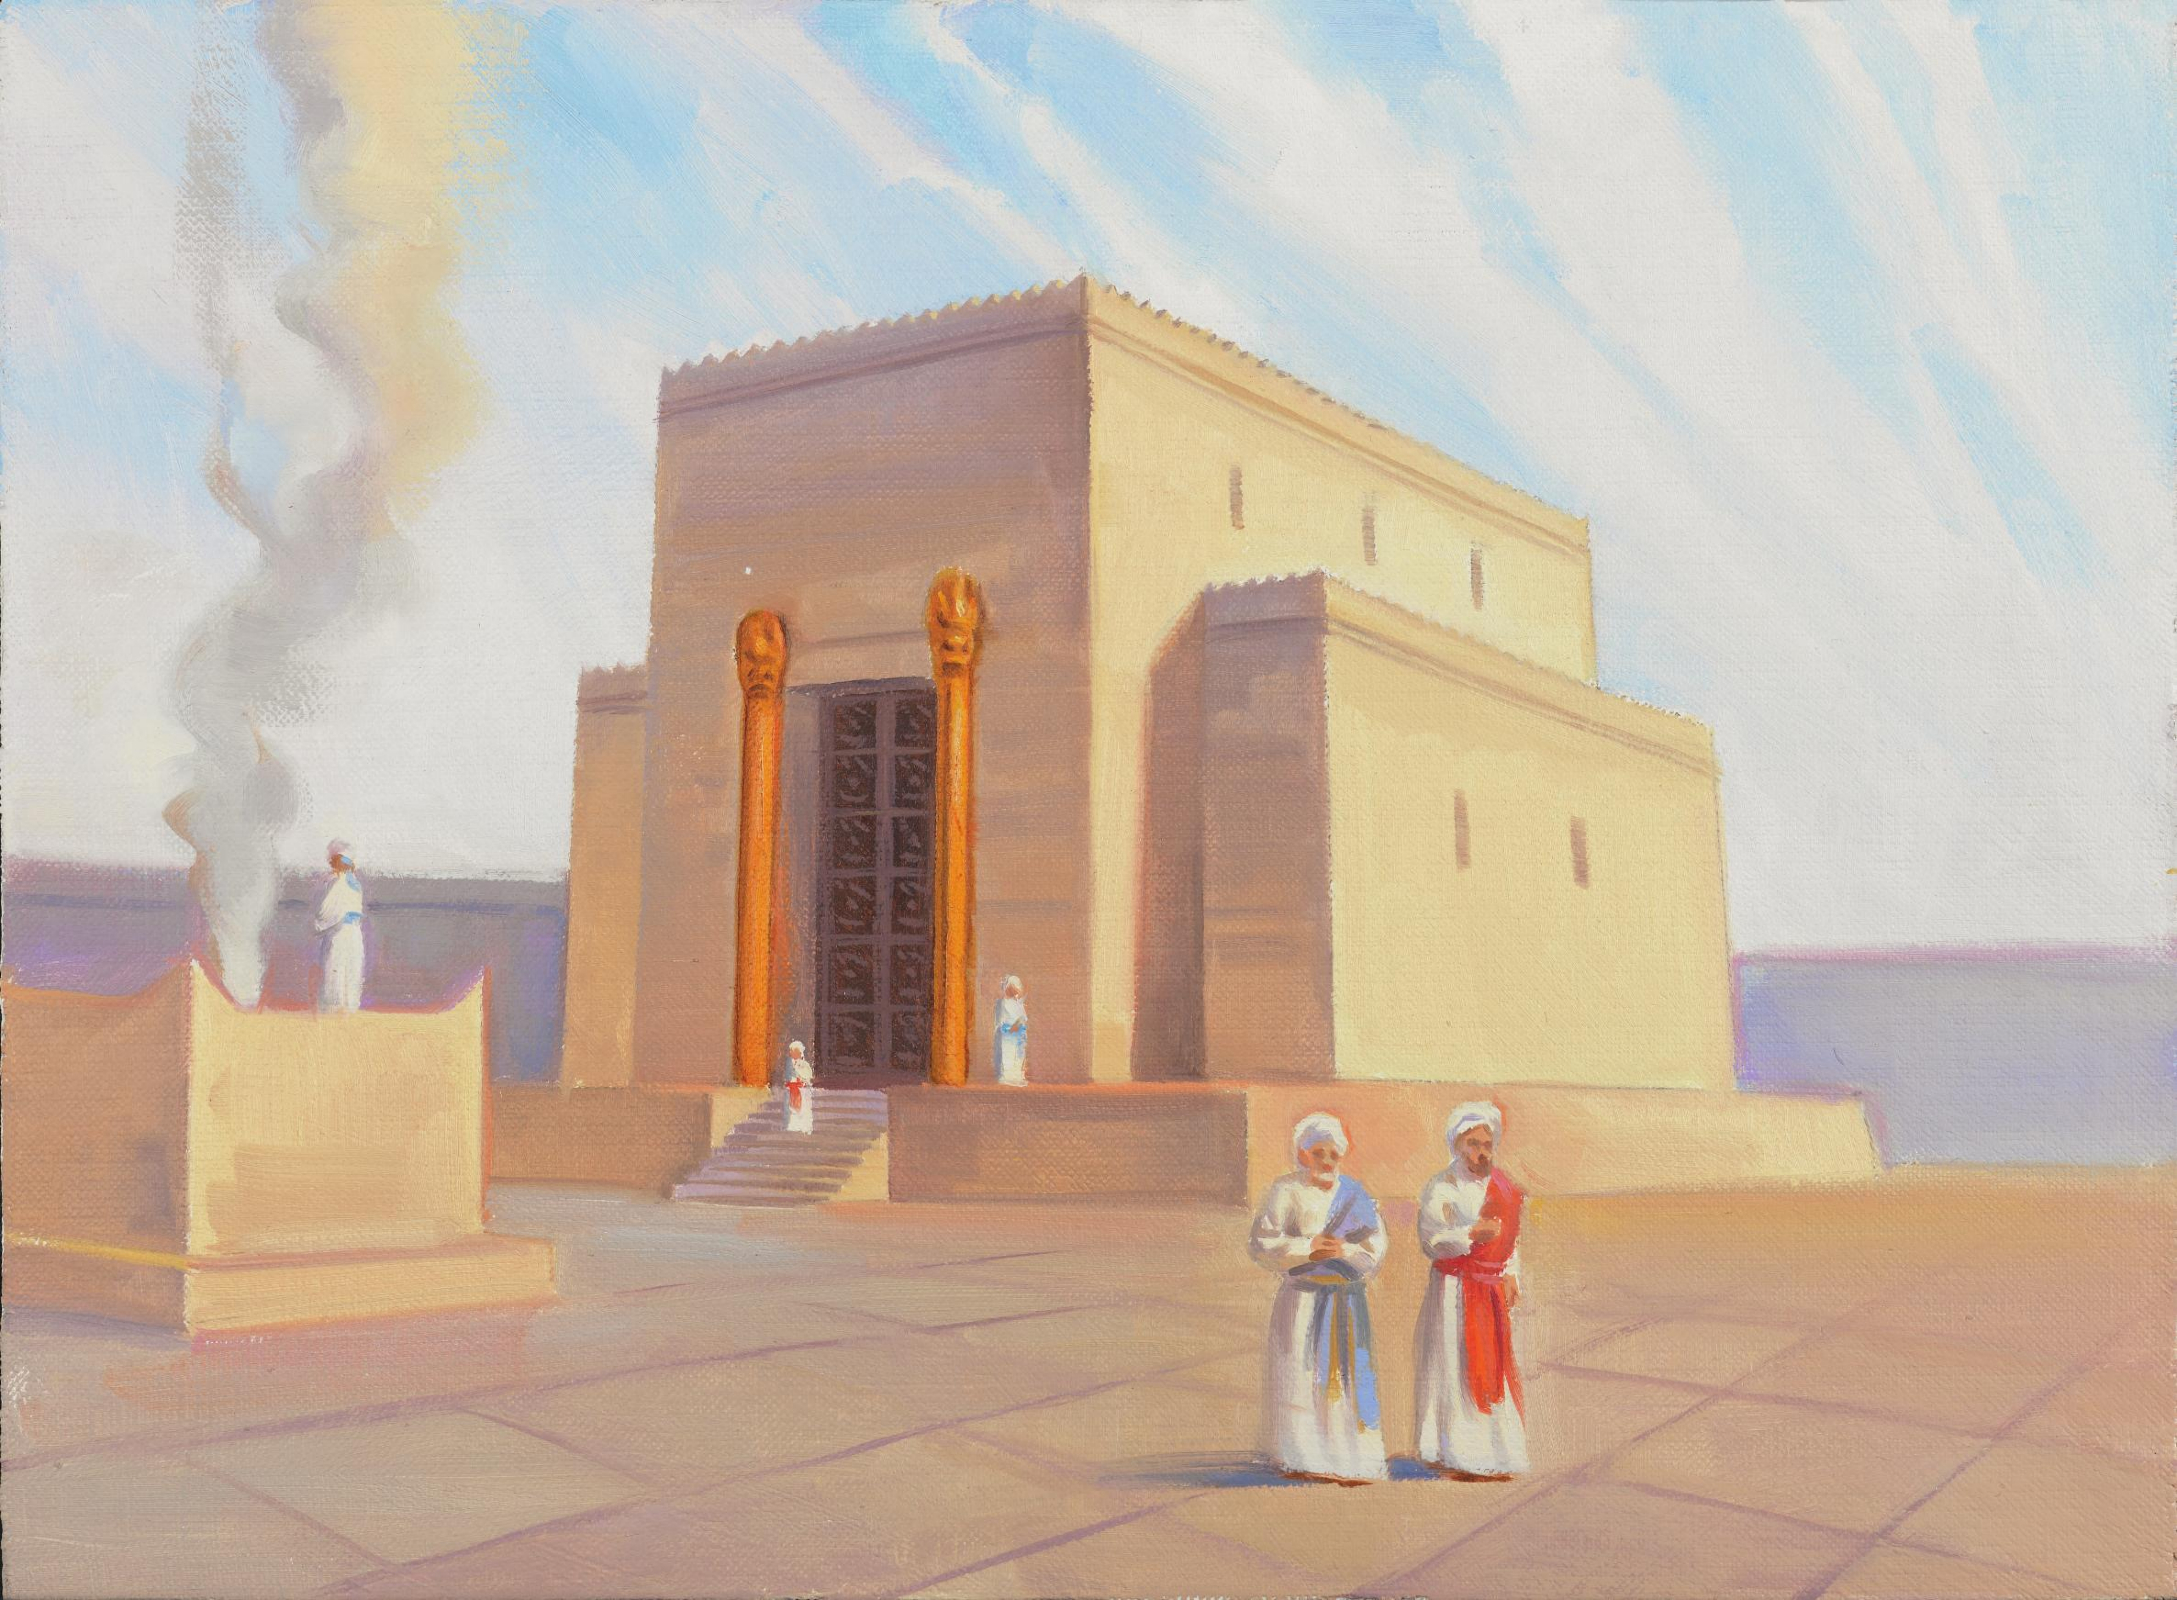 Zerubbabel's Temple